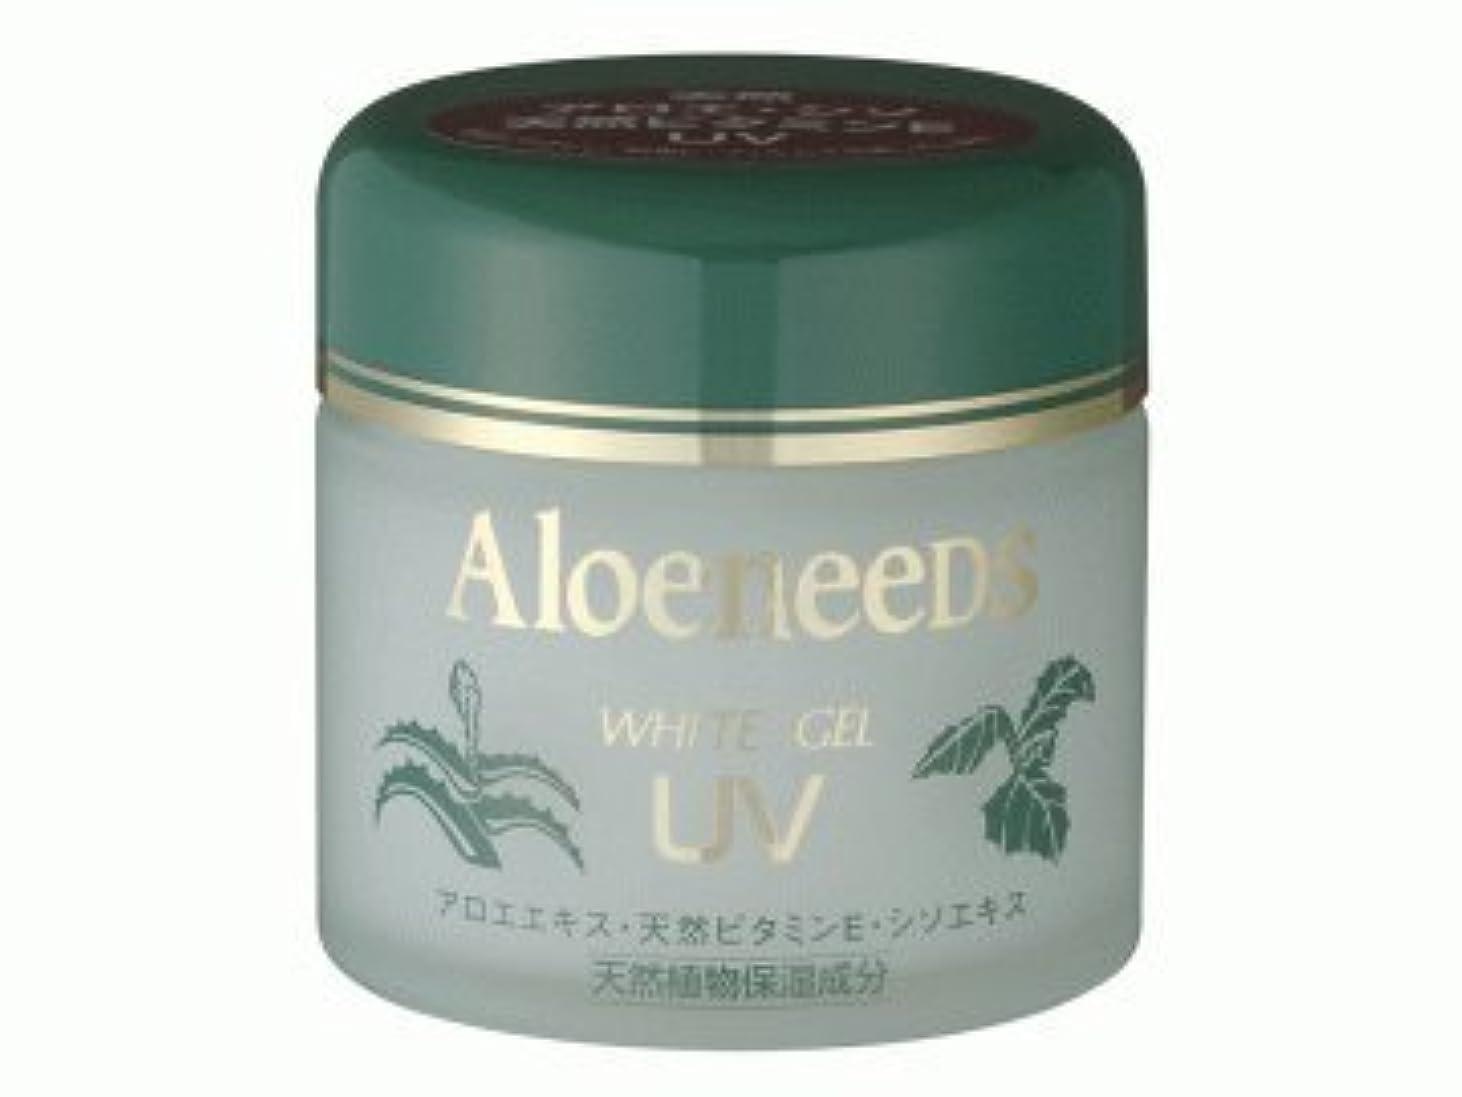 まっすぐにする目覚める系譜Aloeneeds アロニーズ ホワイトゲルUV 弱油性保湿ジェル 90g